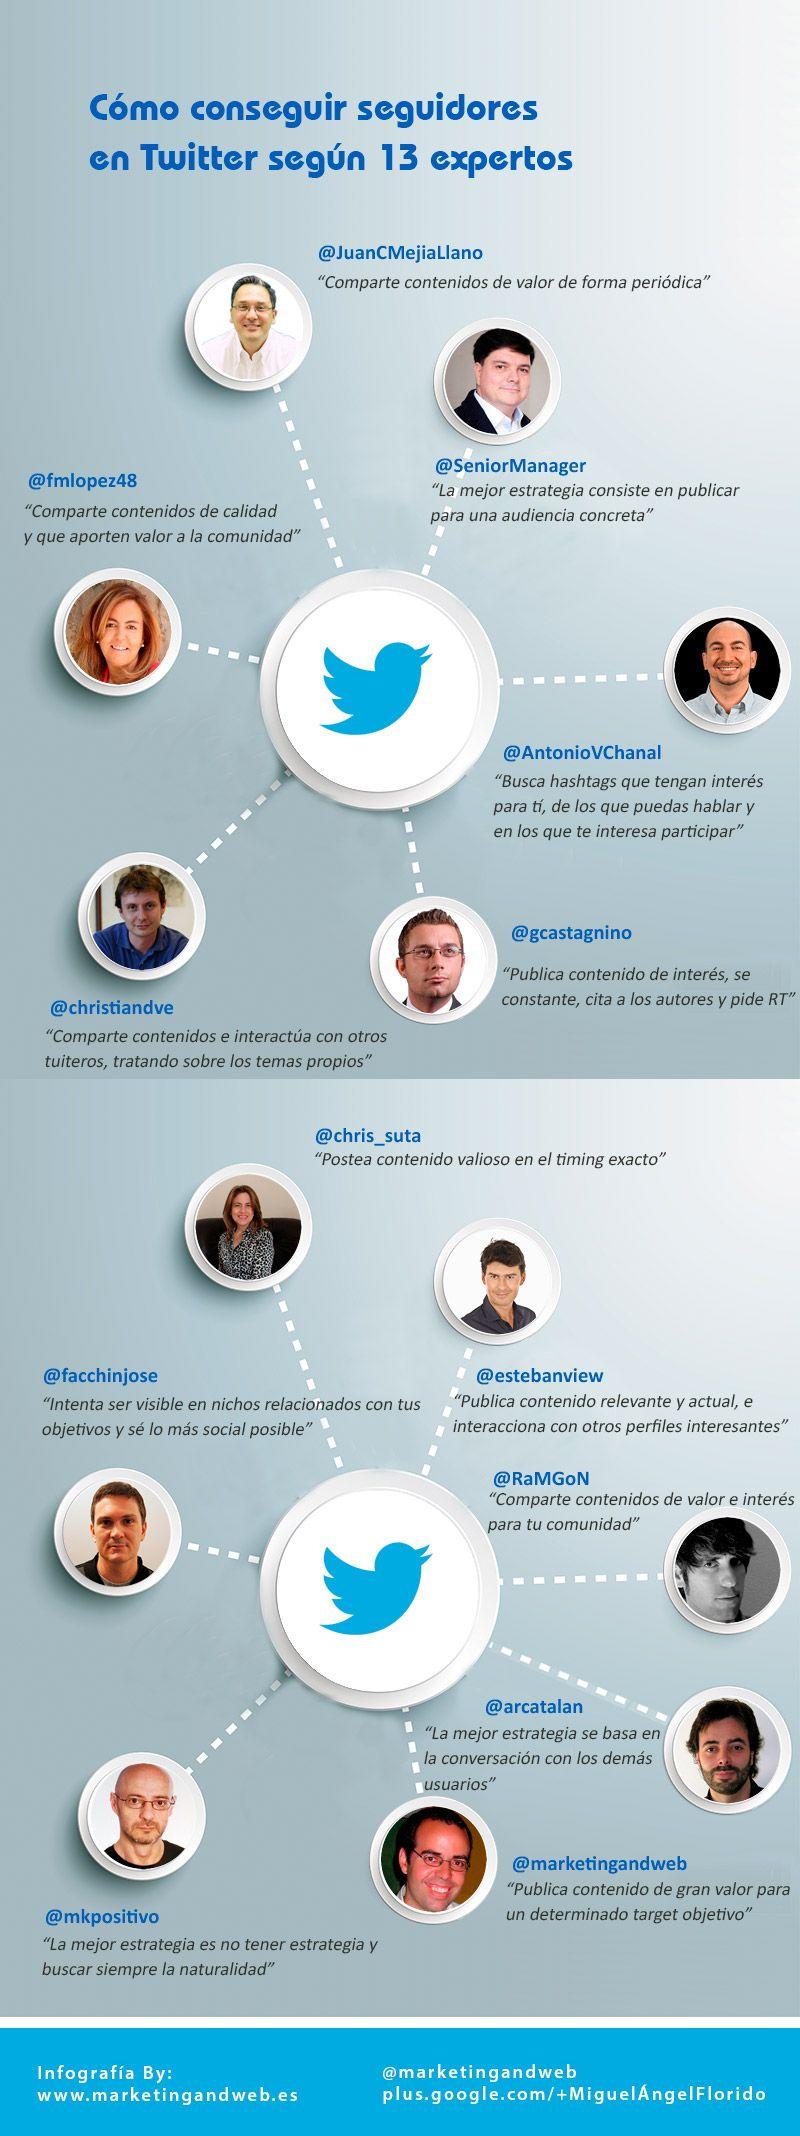 13 Expertos Te Explican Cómo Conseguir Más Seguidores En Twitter Infografia Sociamedia Twitter Socialismo Redes Sociales